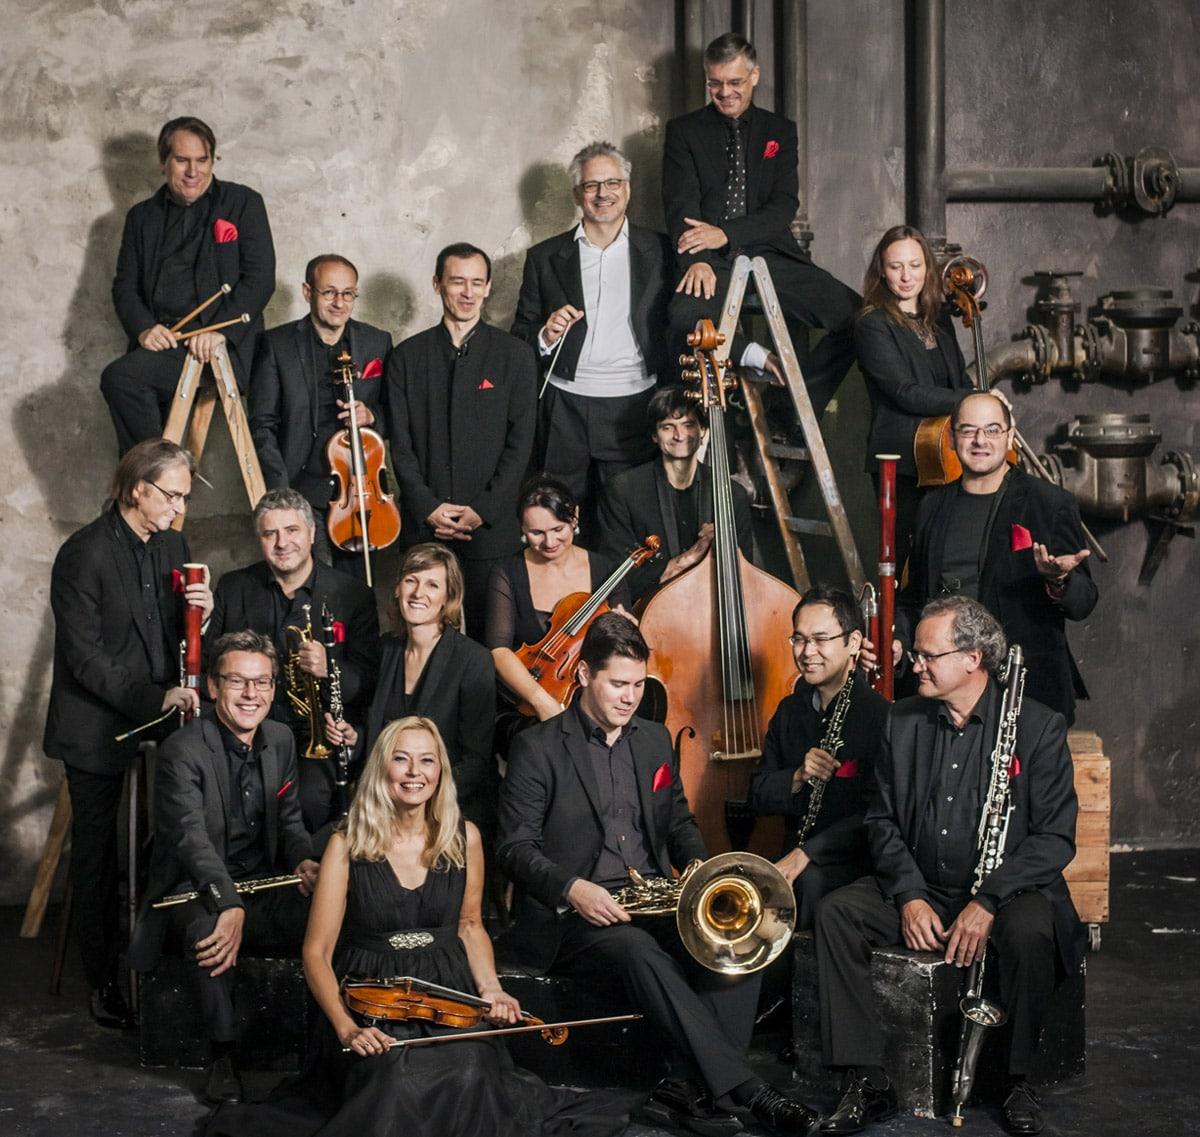 """Die """"taschenphilharmonie"""" aus München spielt am 28. Juni auf dem Stadtparkett in Bayreuth im Rahmen des Sparda-Bank Klassik Open Air 2019.   Foto: Sammy Hart"""